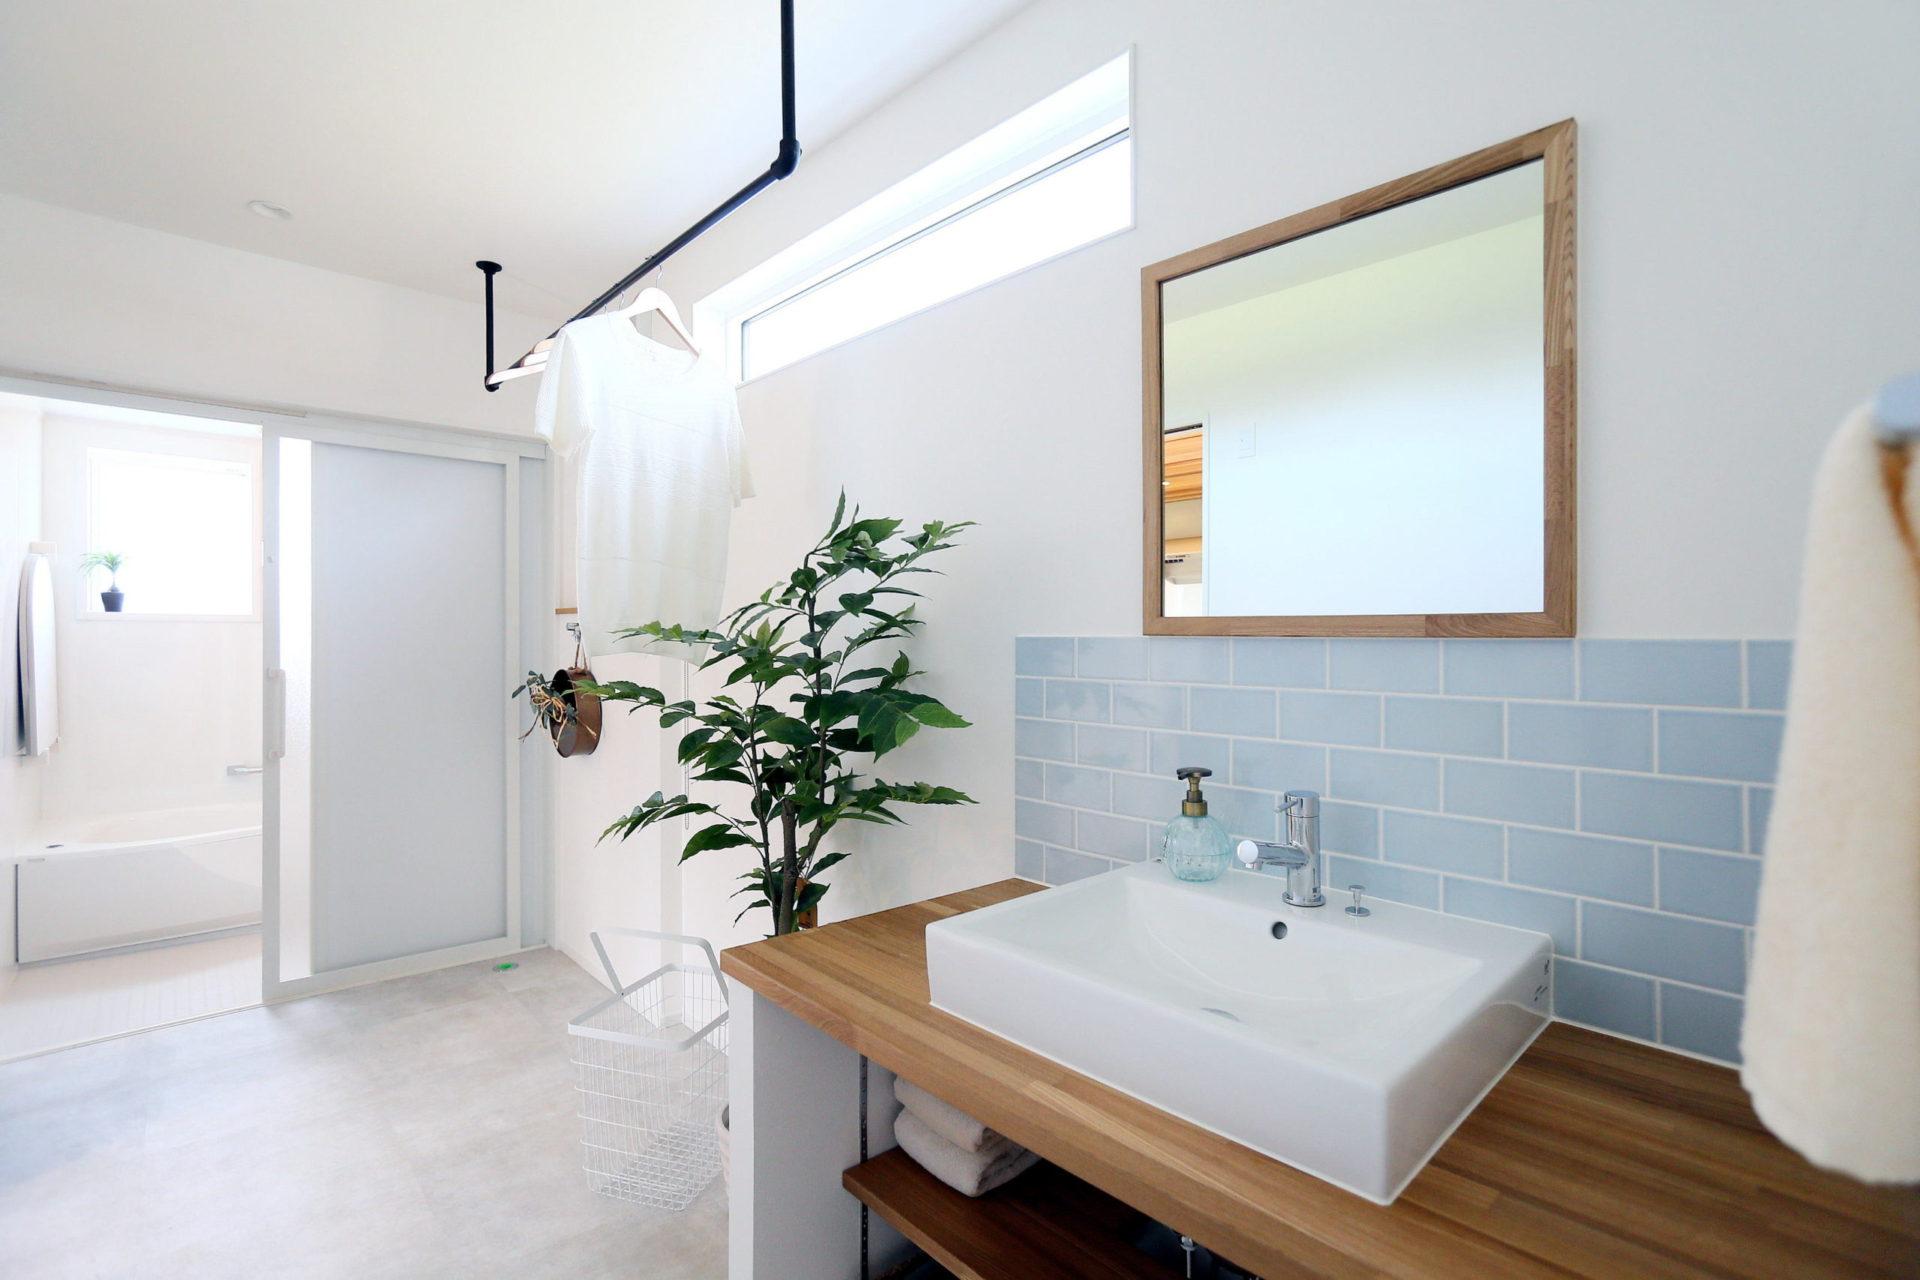 豊かな自然に映える 白い外壁の須坂市の家6